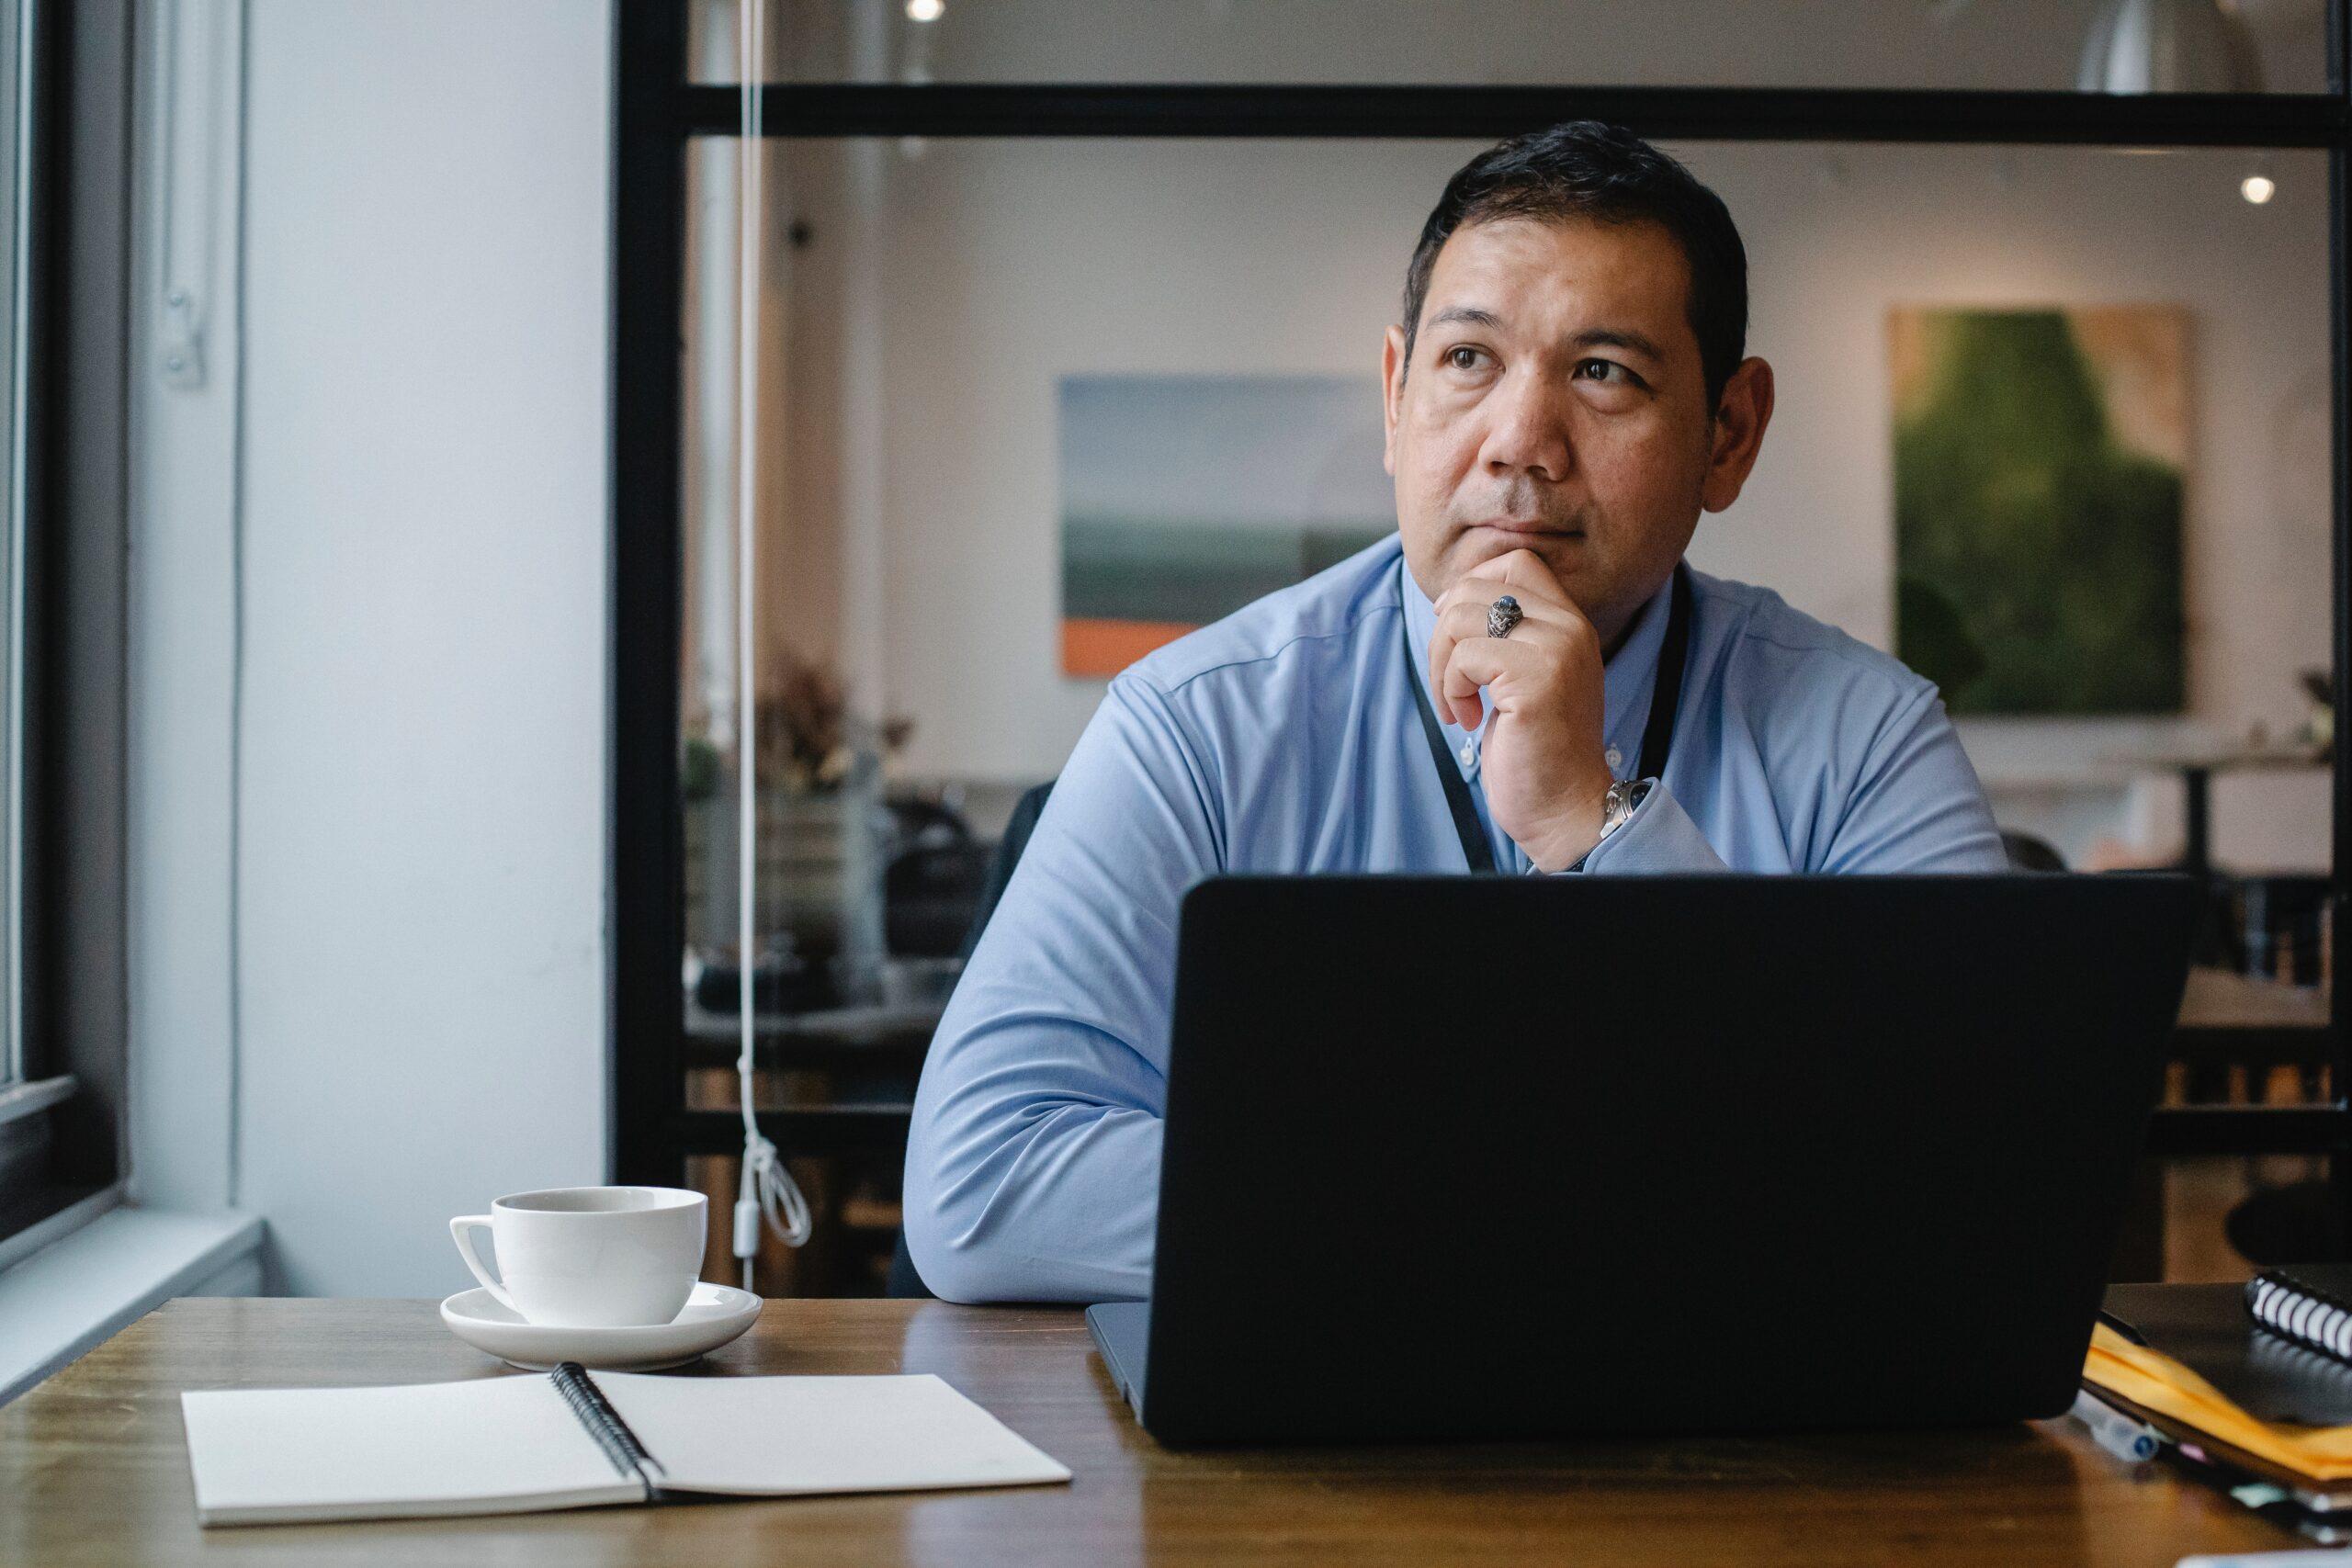 En ældre business mand sidder og arbejder på sit office kontor med sin computer og tænker